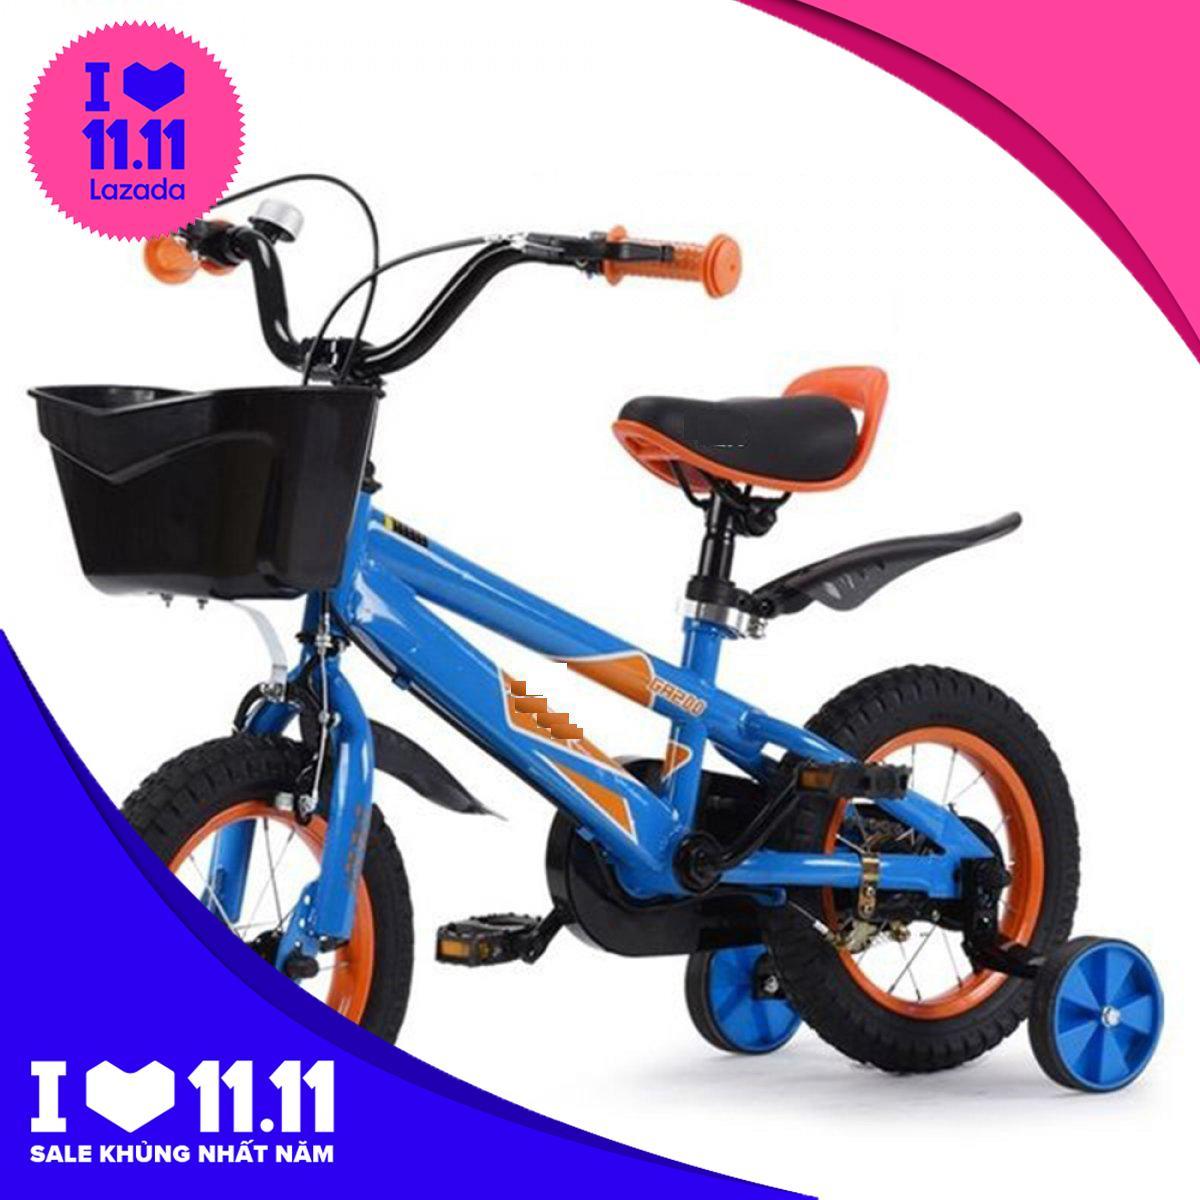 Mua Xe đạp trẻ em 77B12  - Xe đạp thể thao - Xe đạp cho bé - Xe dap tre em - xe đạp trẻ em giá rẻ - Babimart HN